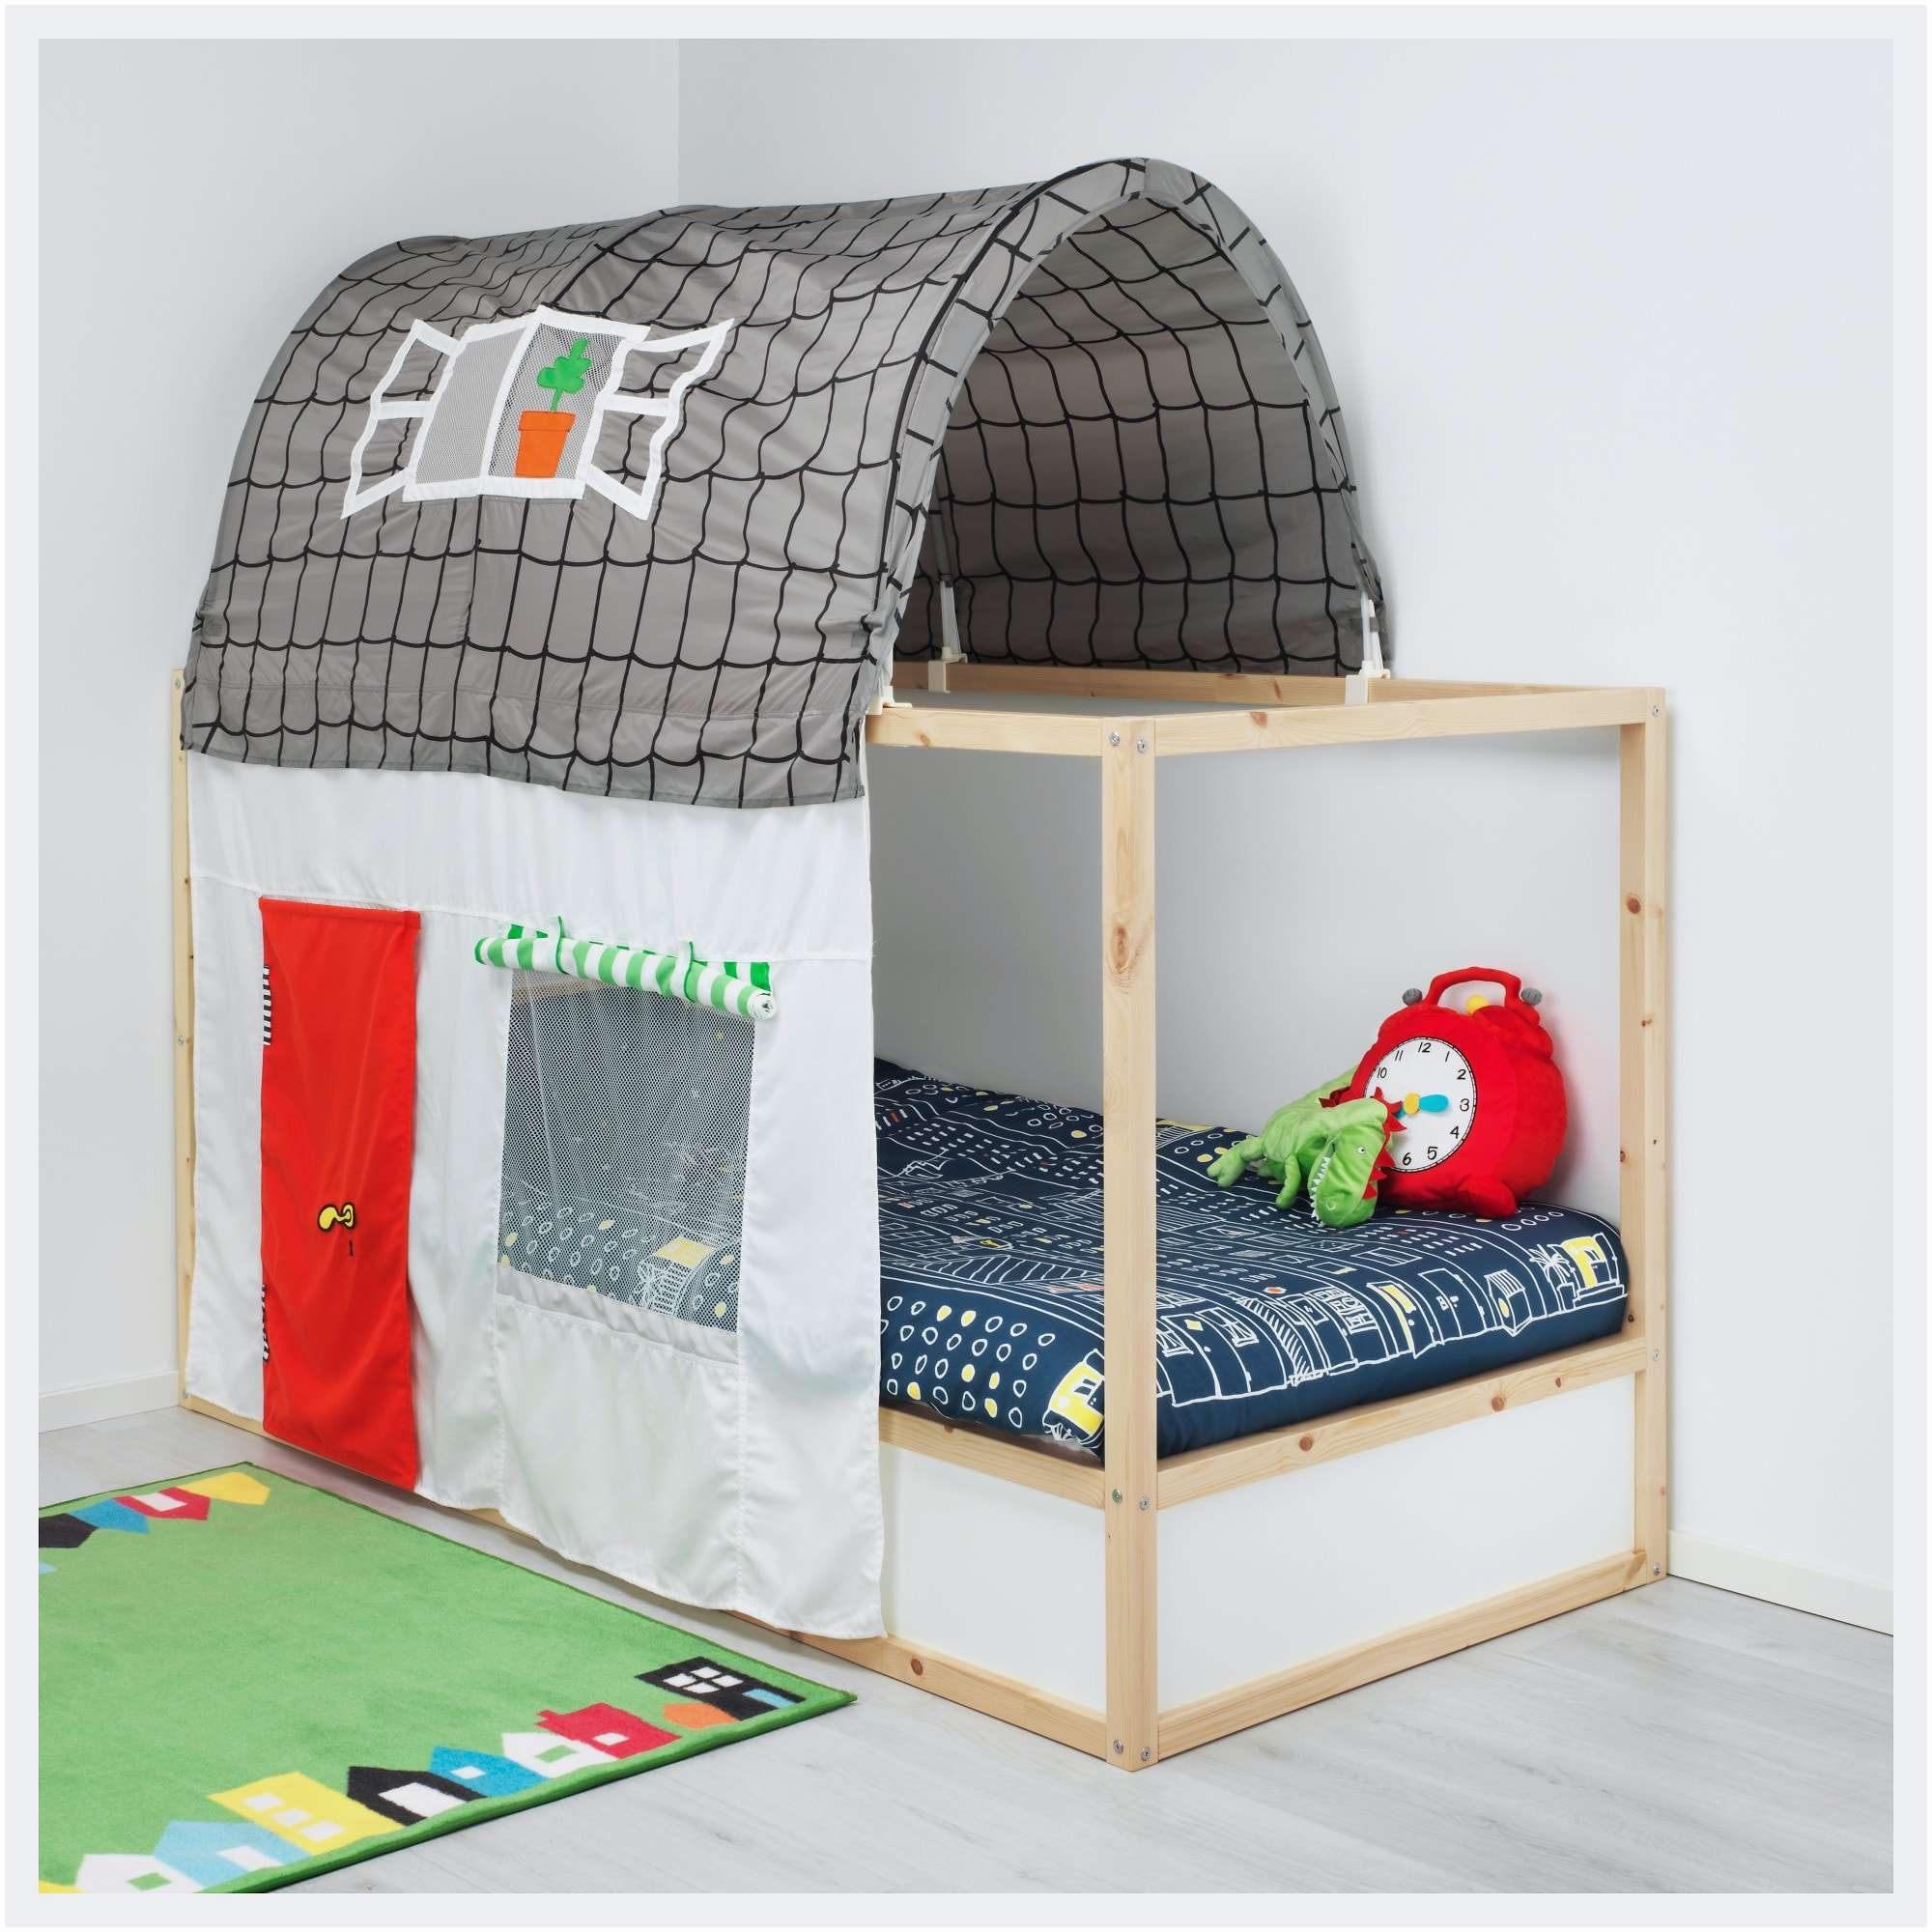 """Lit 140x190 Ikea Bel Inspiré Kura ŽÅ¡ ŽµŽ²Ž¬""""Ž¹ Ž´Ž¹€Ž Ž ' Å'Ë†Ž·' Ikea toddler S"""